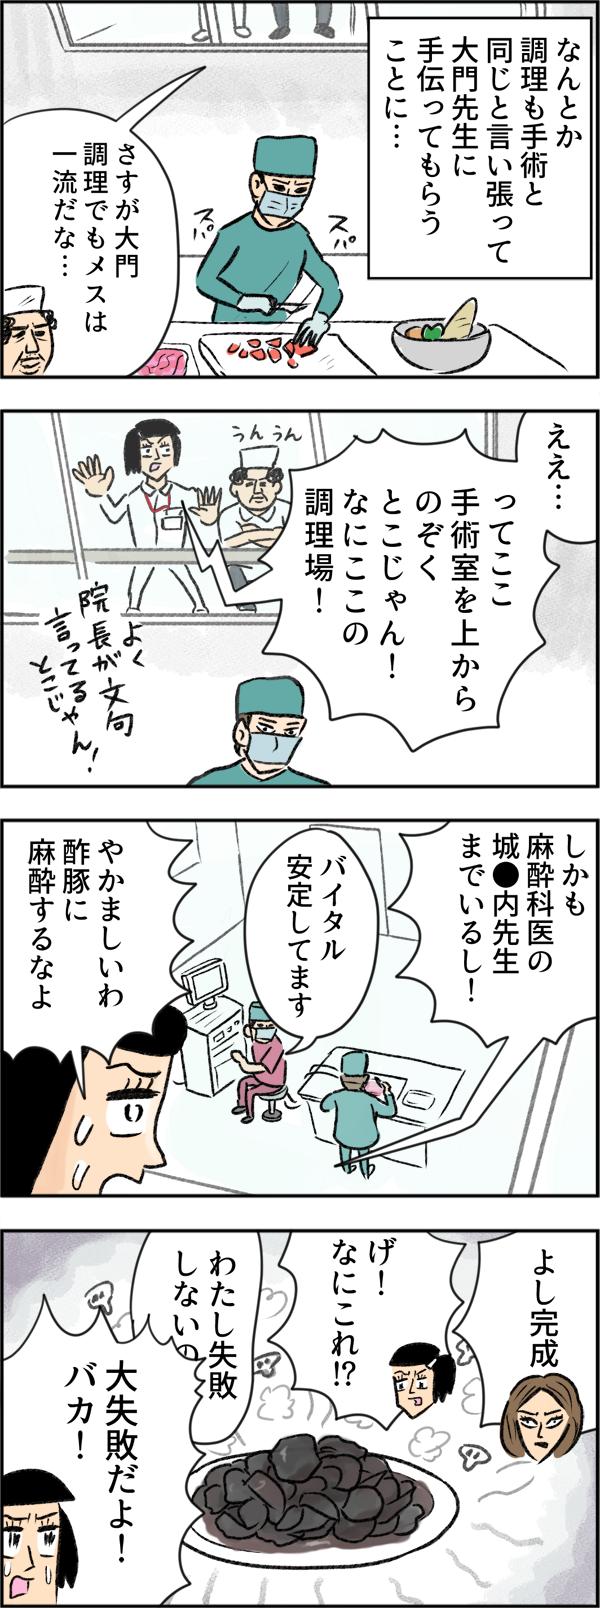 なんとか調理も手術と同じと言い張って、大門先生に手伝ってもらうことになりました。調理を進める大門先生を見ていたさちこは、自分が手術室を上からのぞくところにいることに驚きます。さらに、大門先生の横で、麻酔科医の城●内先生がバイタルをチェックしていることにも気が付き、「やかましいわ!酢豚に麻酔するなよ」とツッコミます。「よし完成」と大門先生が出した料理は、真っ黒。大門先生が、またしても決まり文句の「私失敗しないので」と言おうと口を開くのと同時に「大失敗だよ!バカ!」と物申すさちこなのでした。